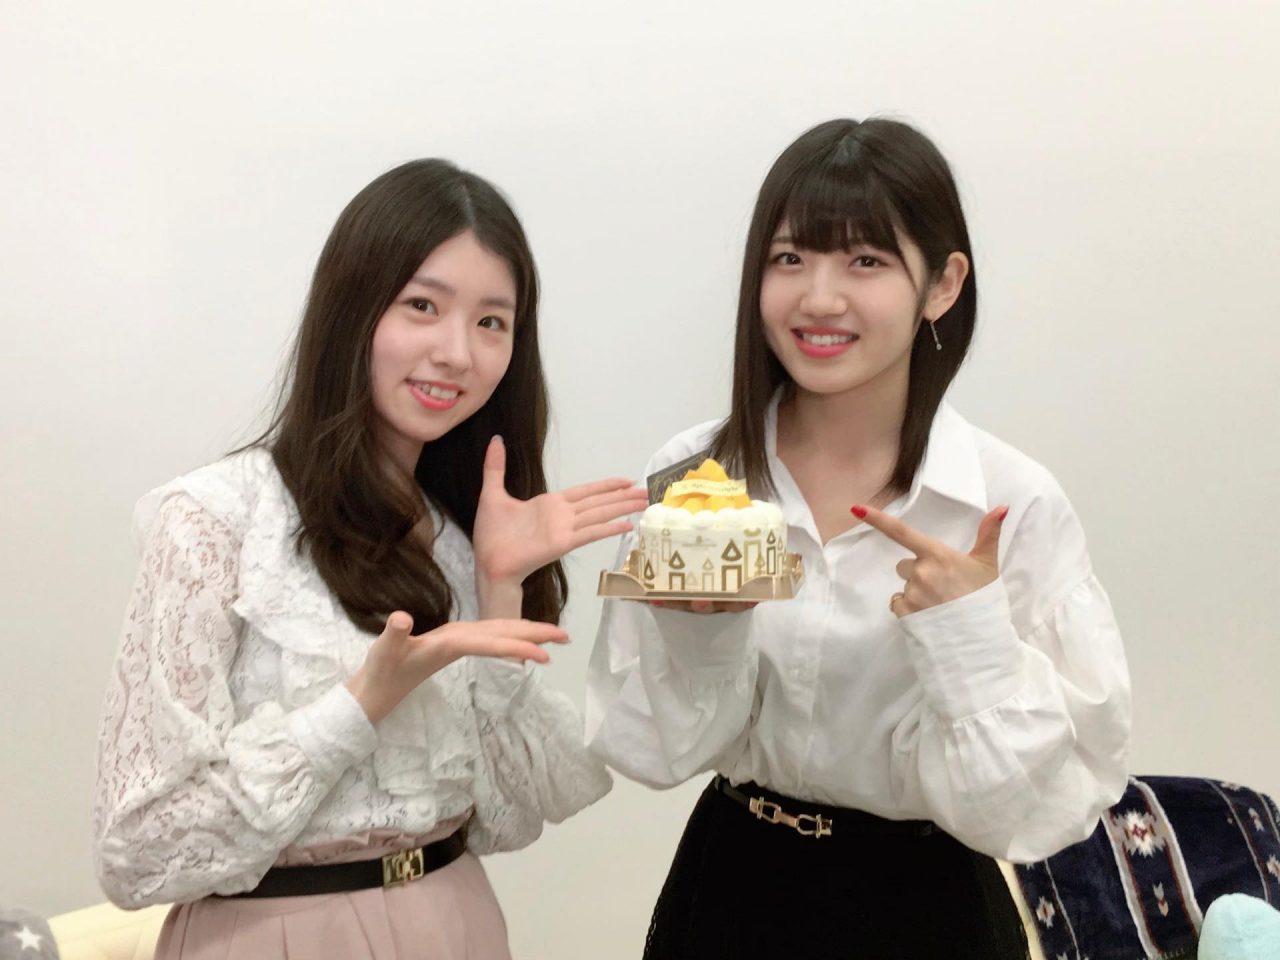 AKB48 村山彩希&岩立沙穂、配信オフショット「猫舌SHOWROOM 指カラ」 他